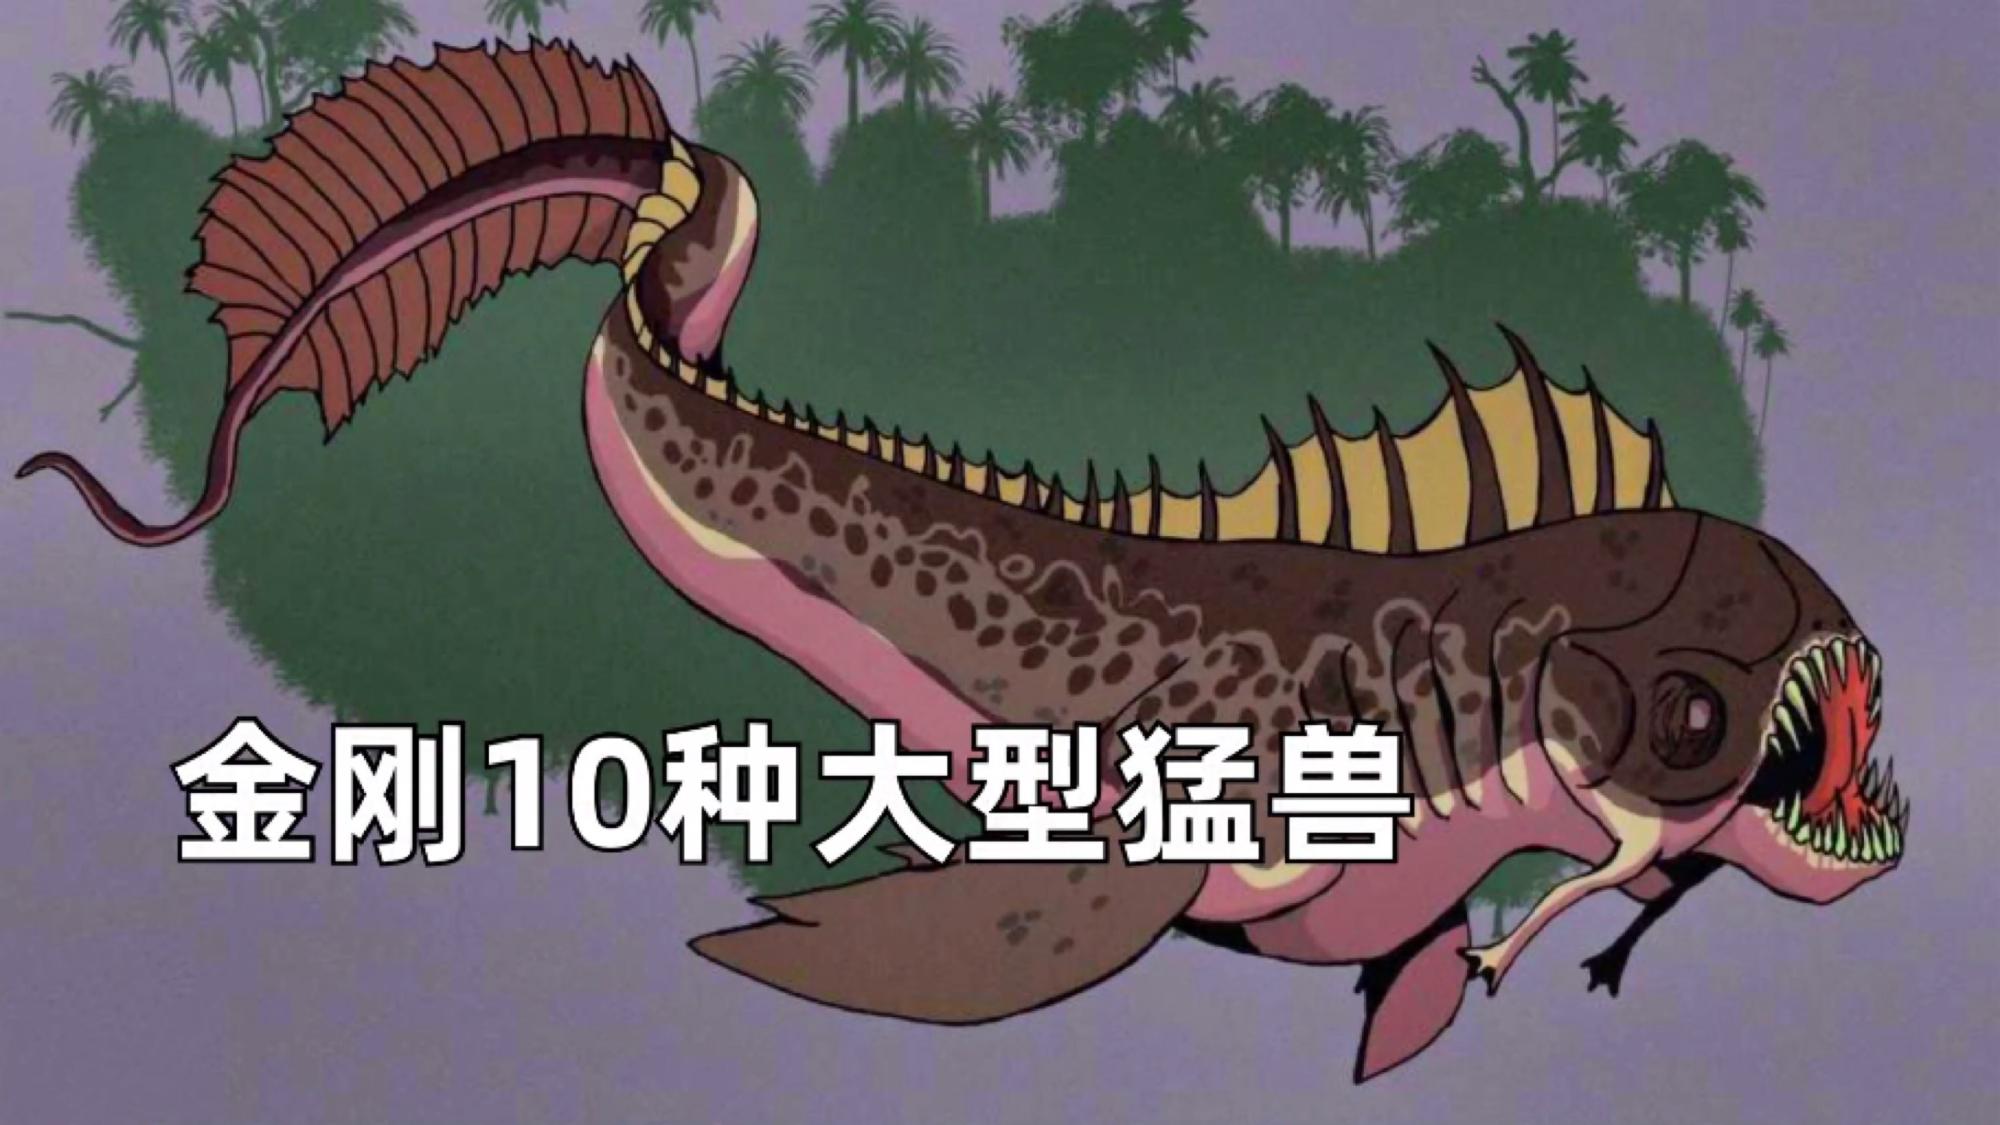 骷髅岛水底霸主,食人鱼泰坦巨兽,金刚10种大型猛兽解读